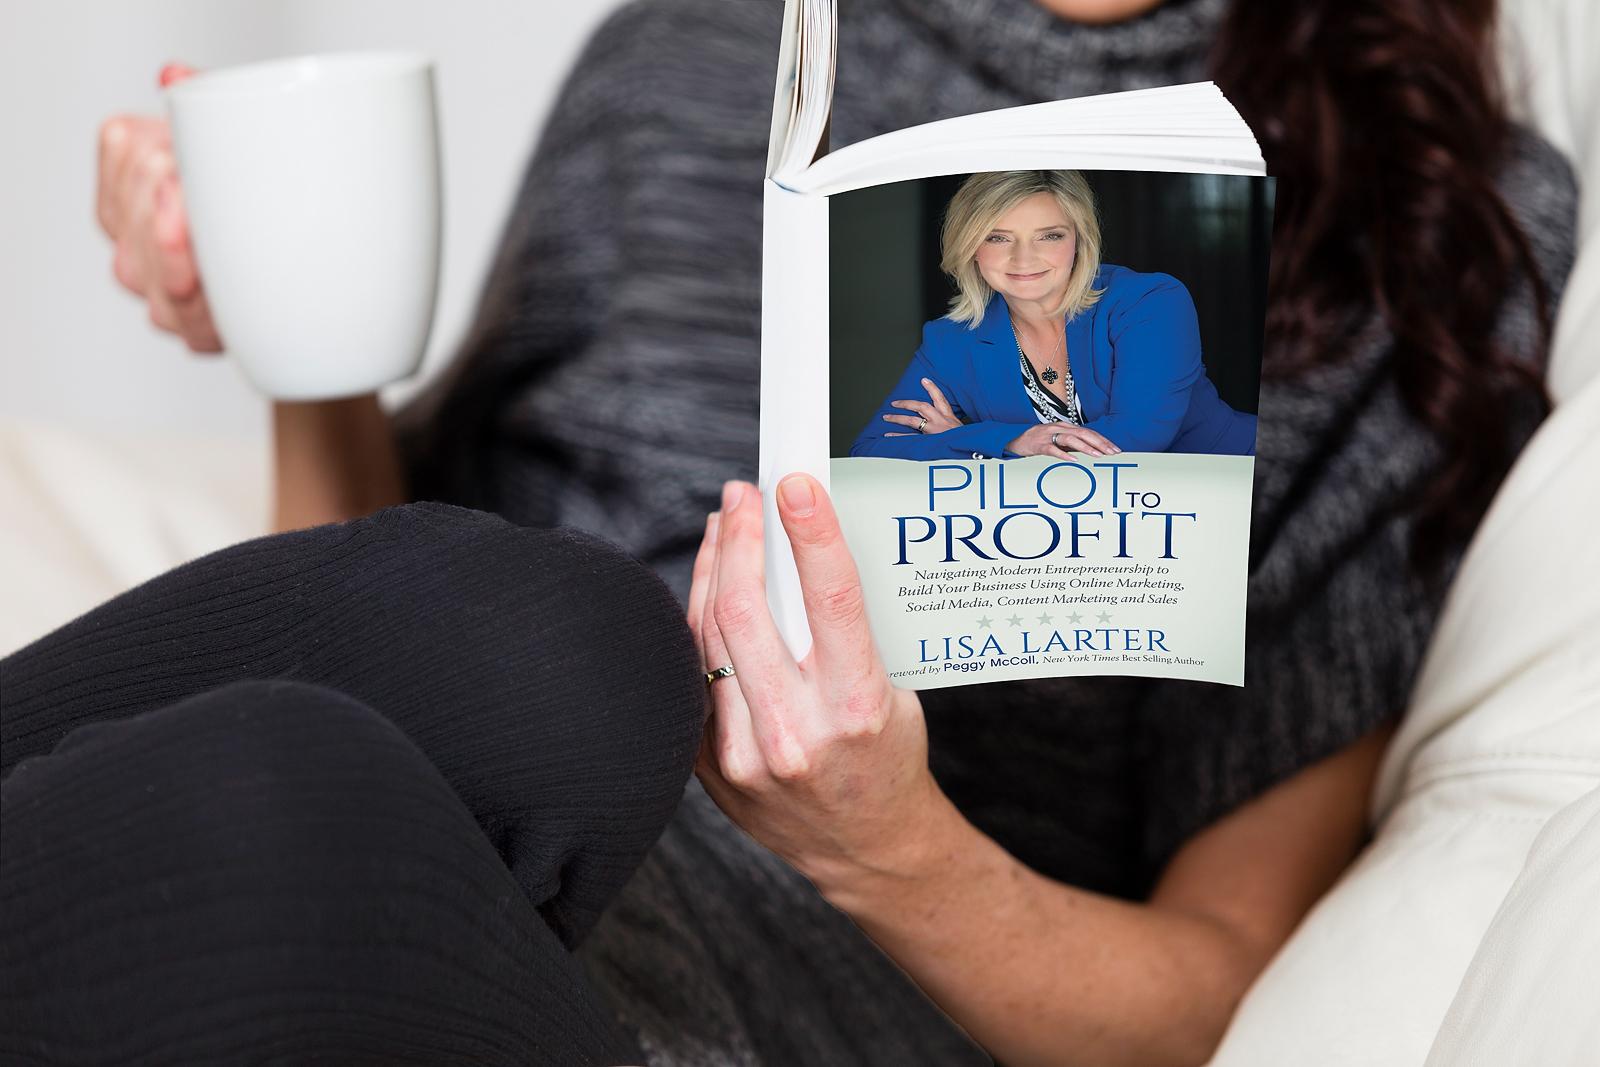 07-client-portrait-book-cover-author-connection.jpg